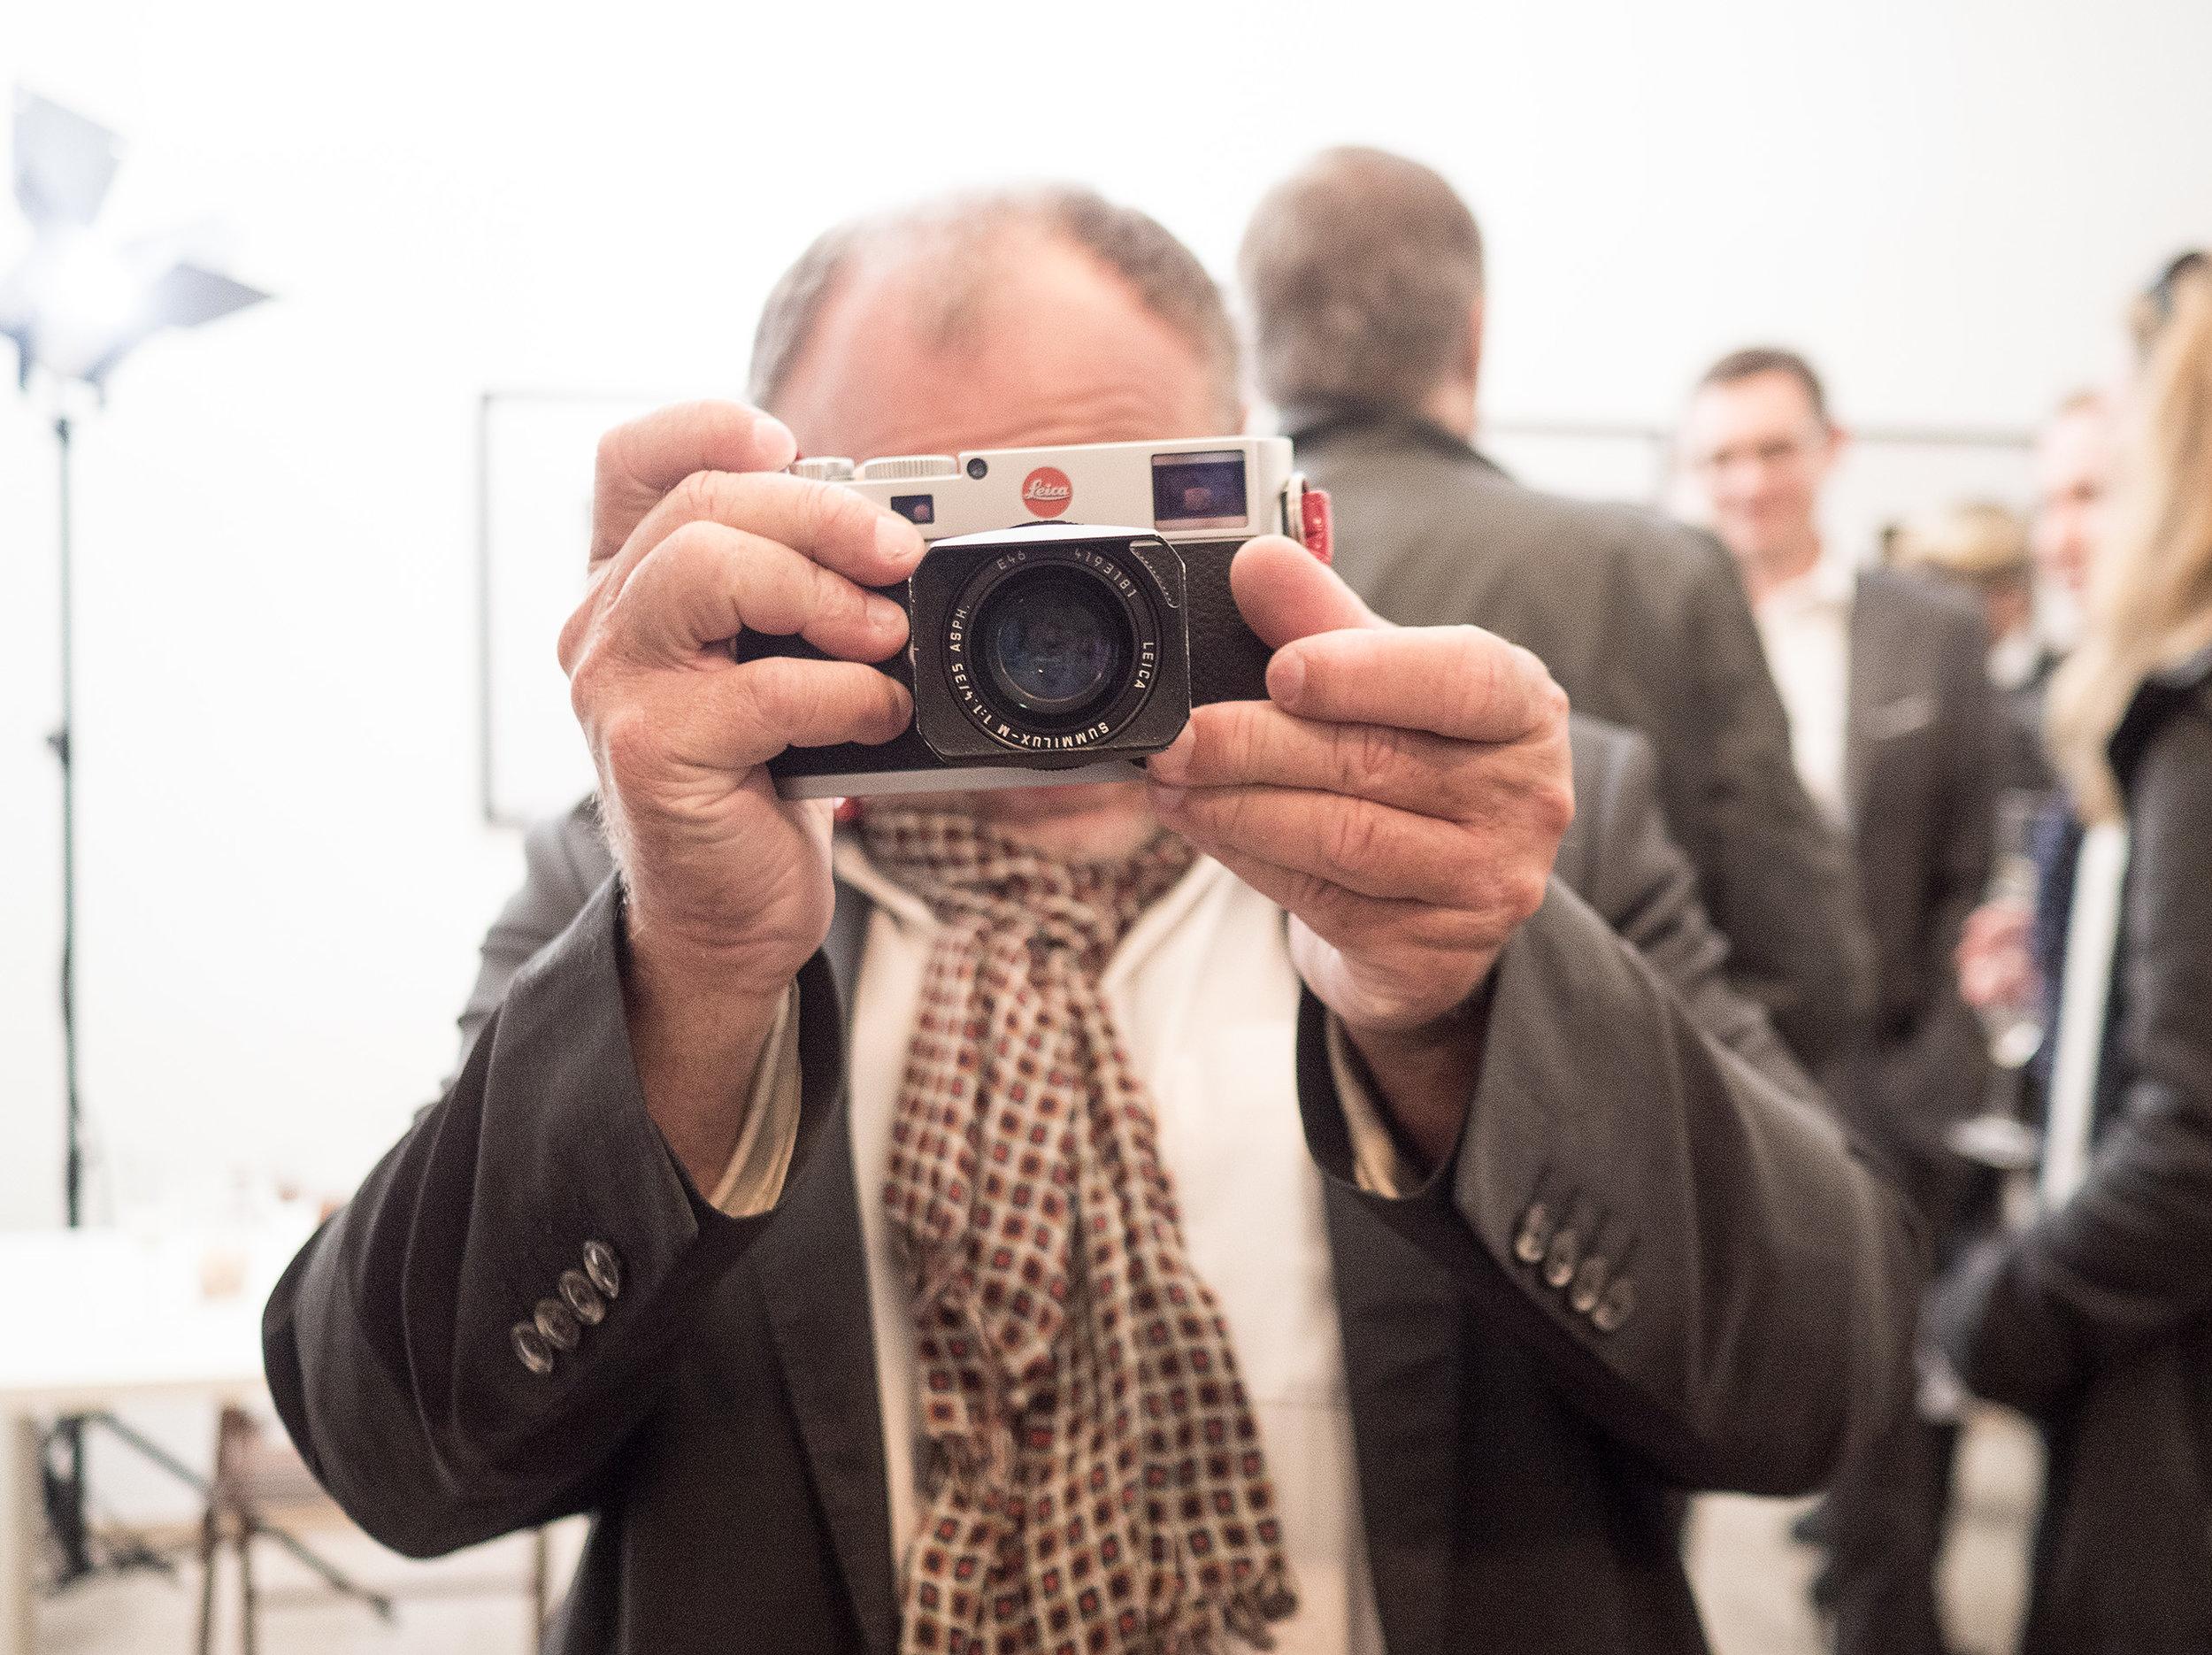 Galerie_LIK_deAngelis014.jpg